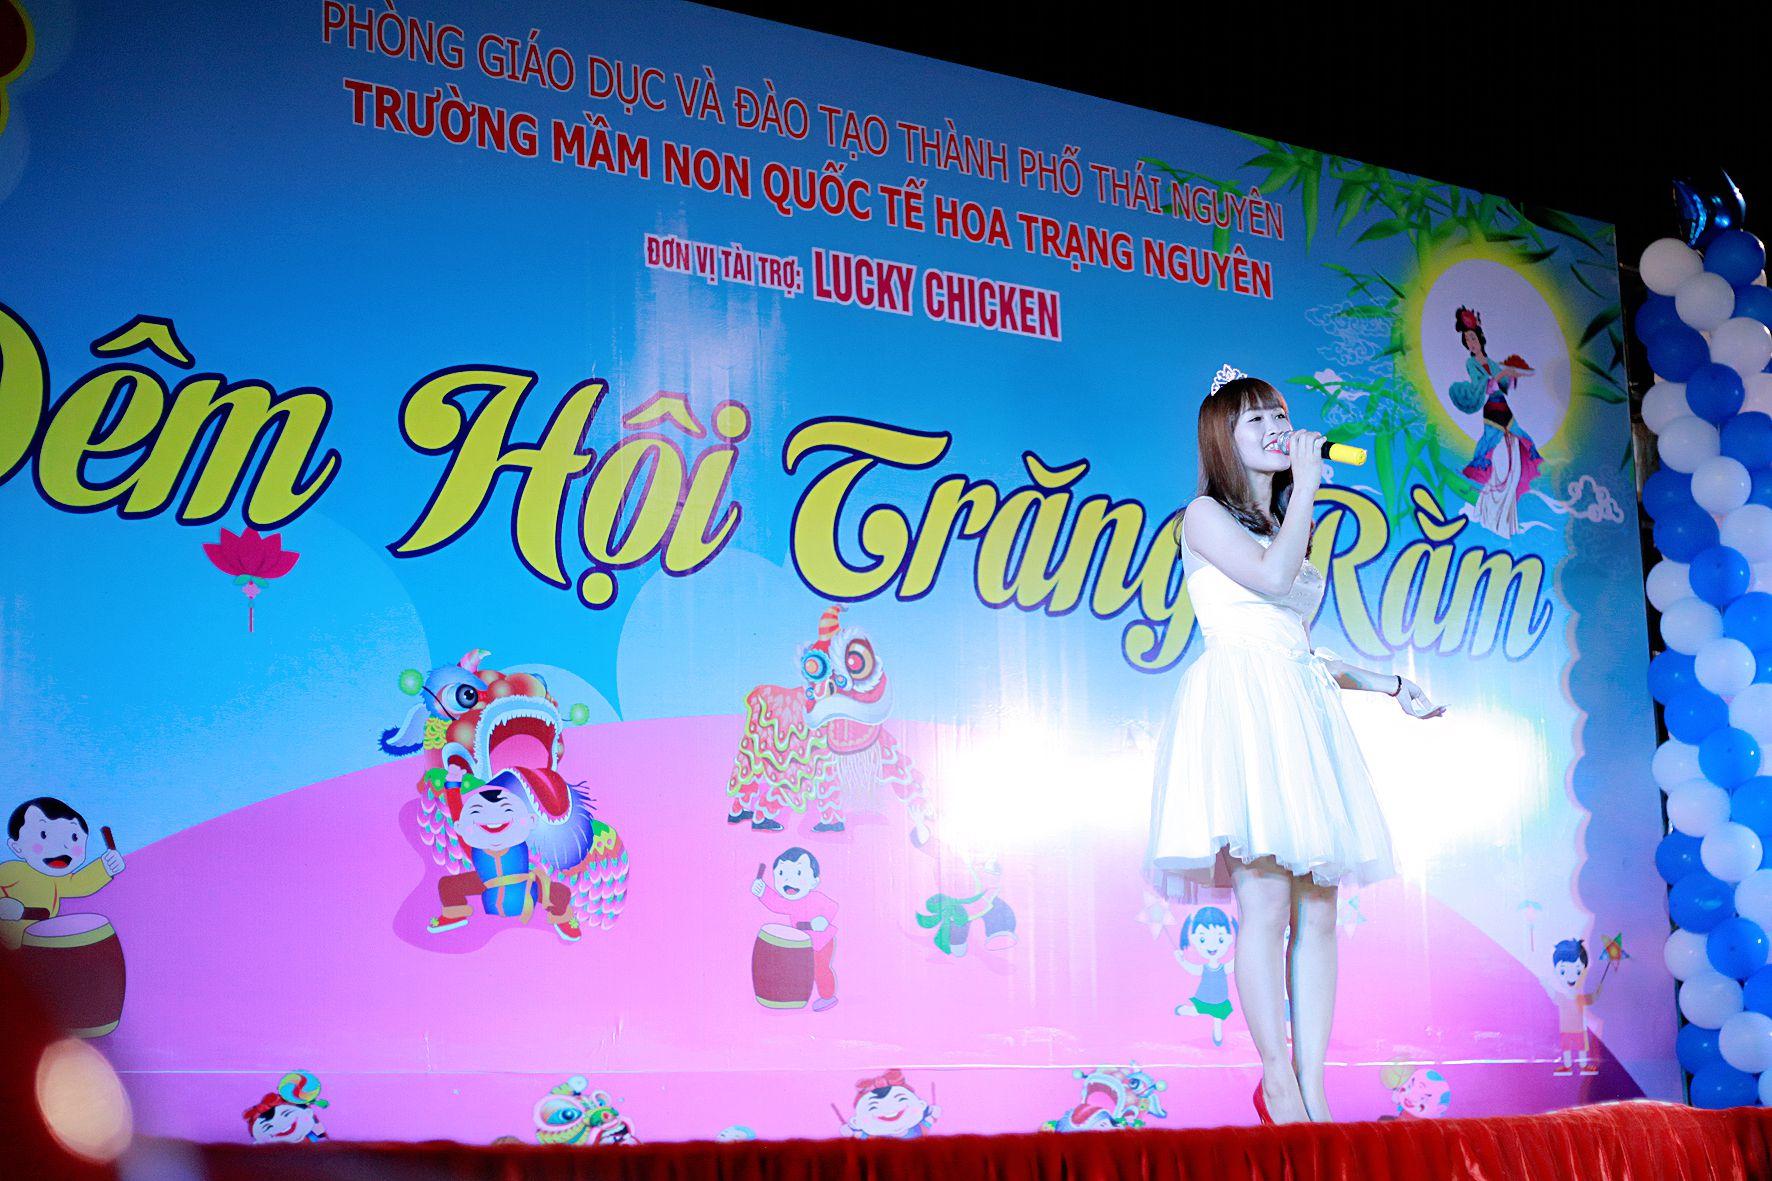 Album đêm hội Trung thu mầm non Hoa Trạng Nguyên ( phần 1 )